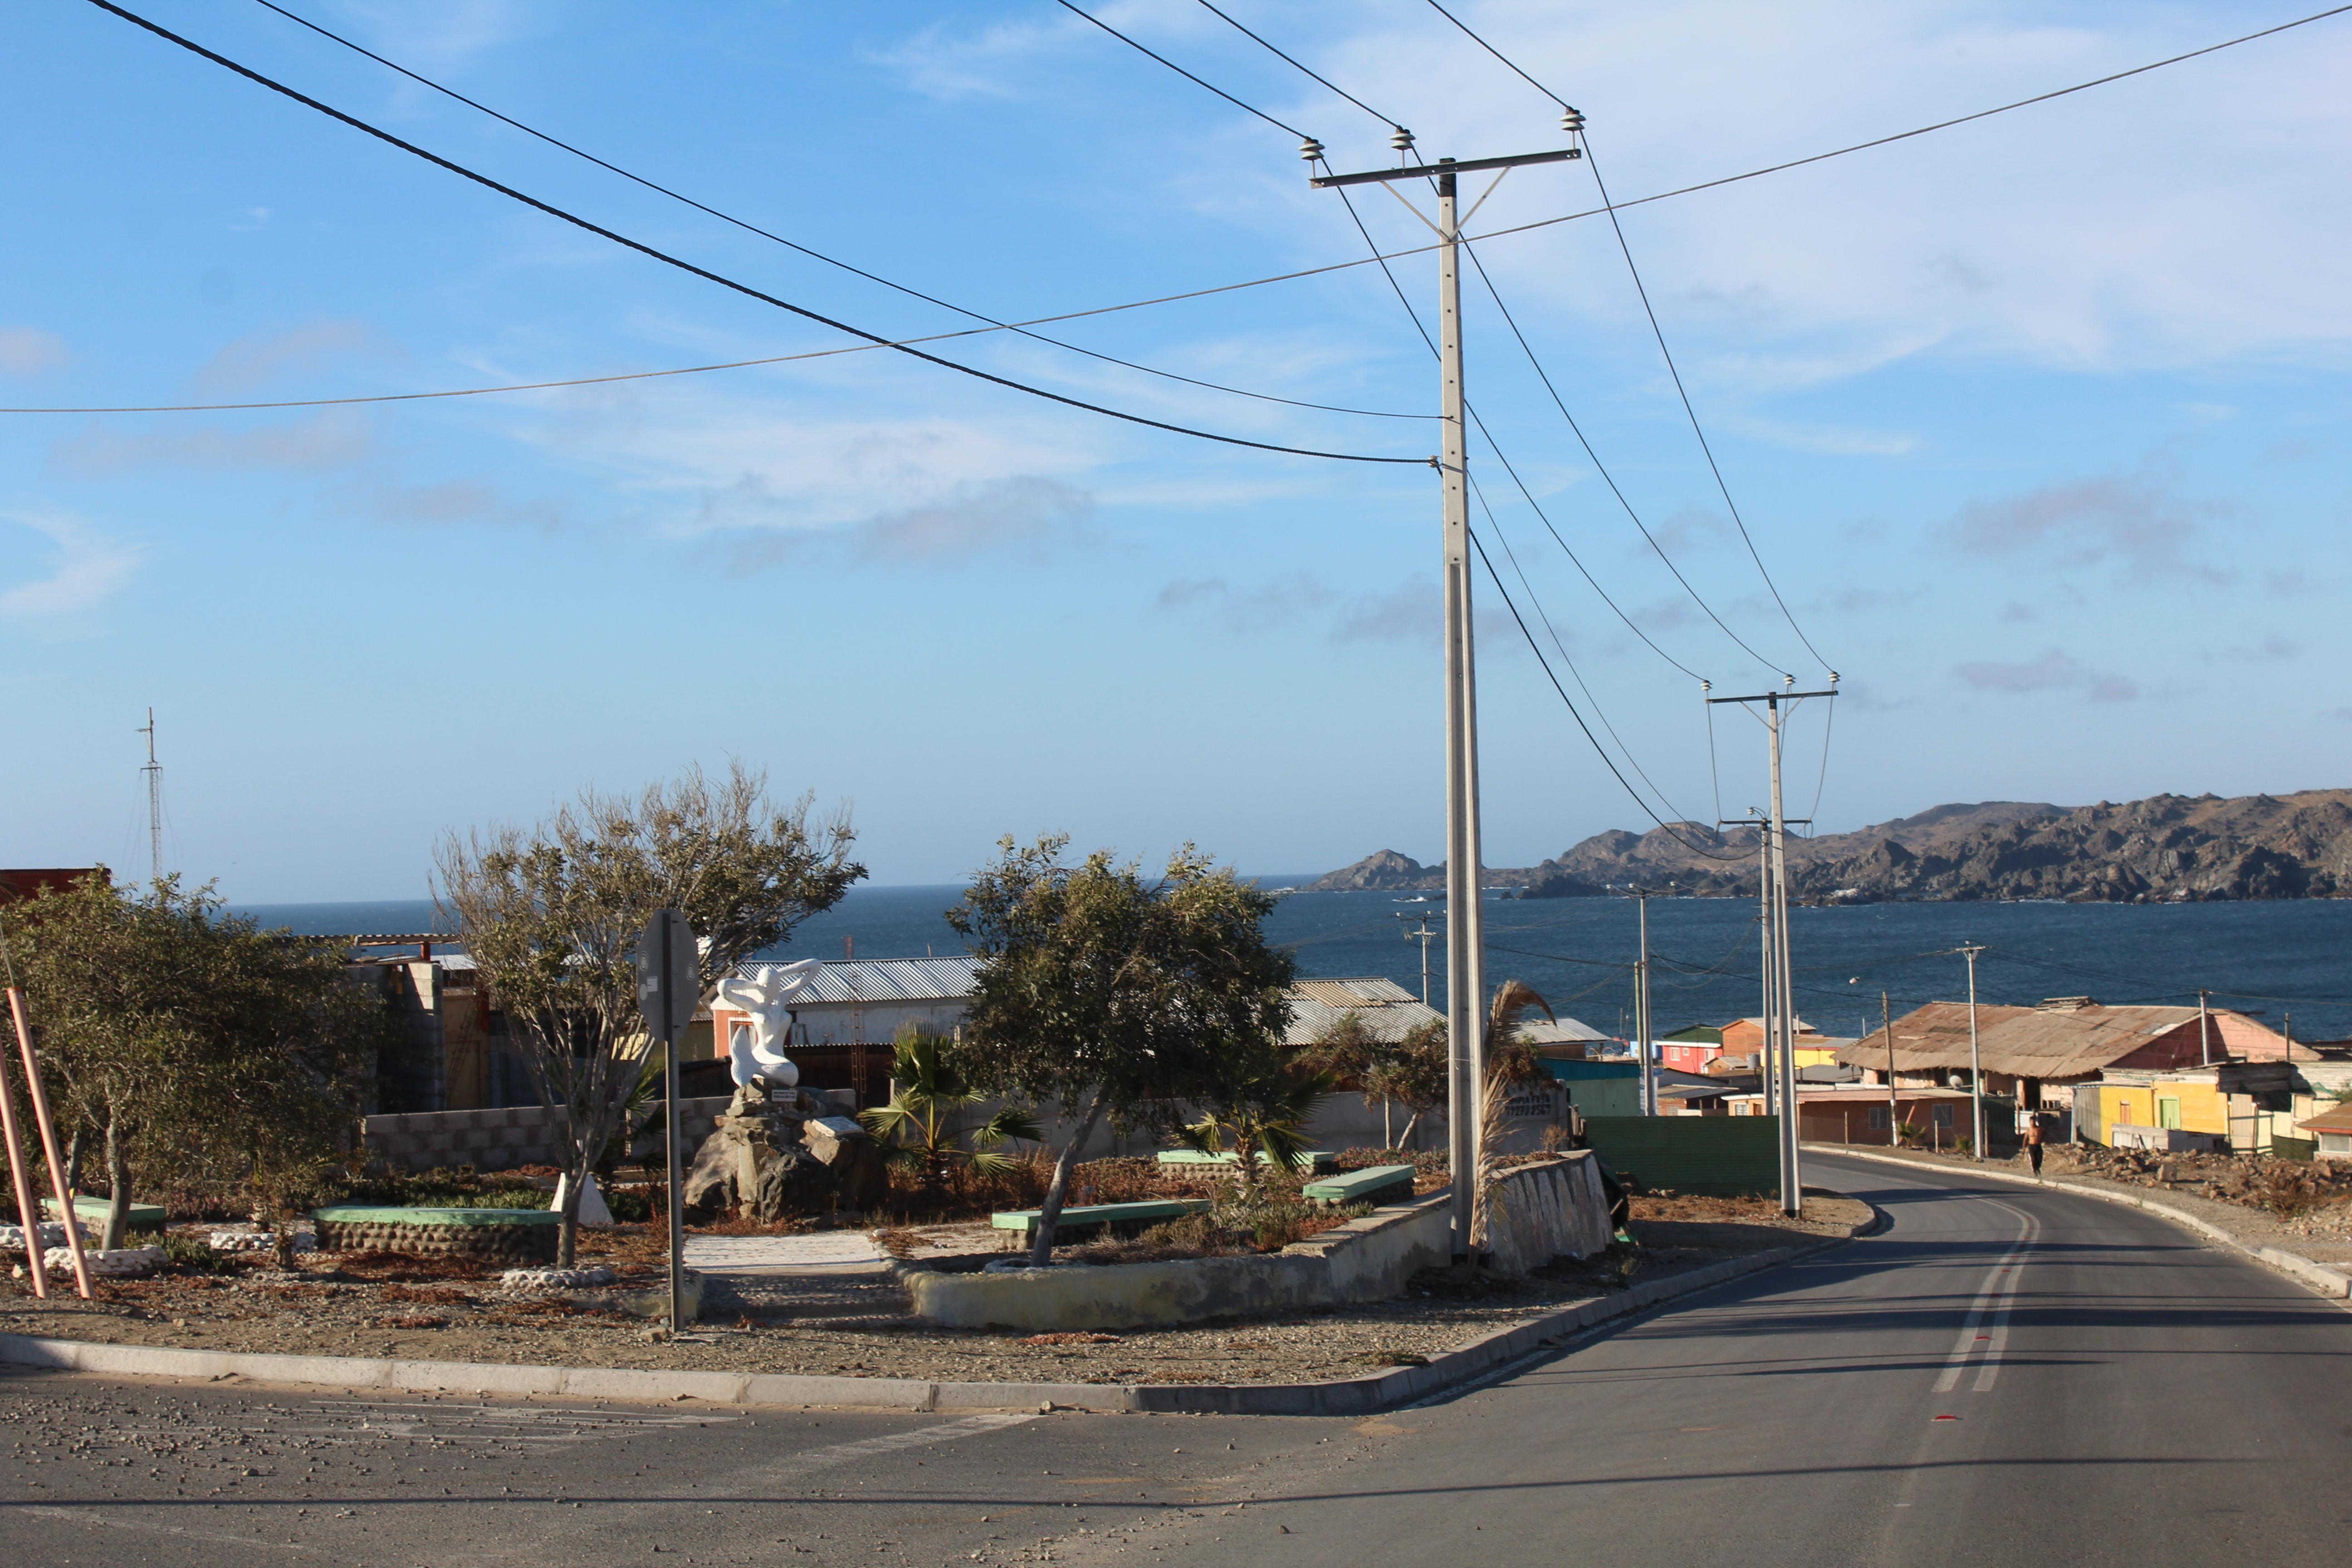 Municipios del Huasco buscan agilizar proyectos de electrificación y alumbrado rural